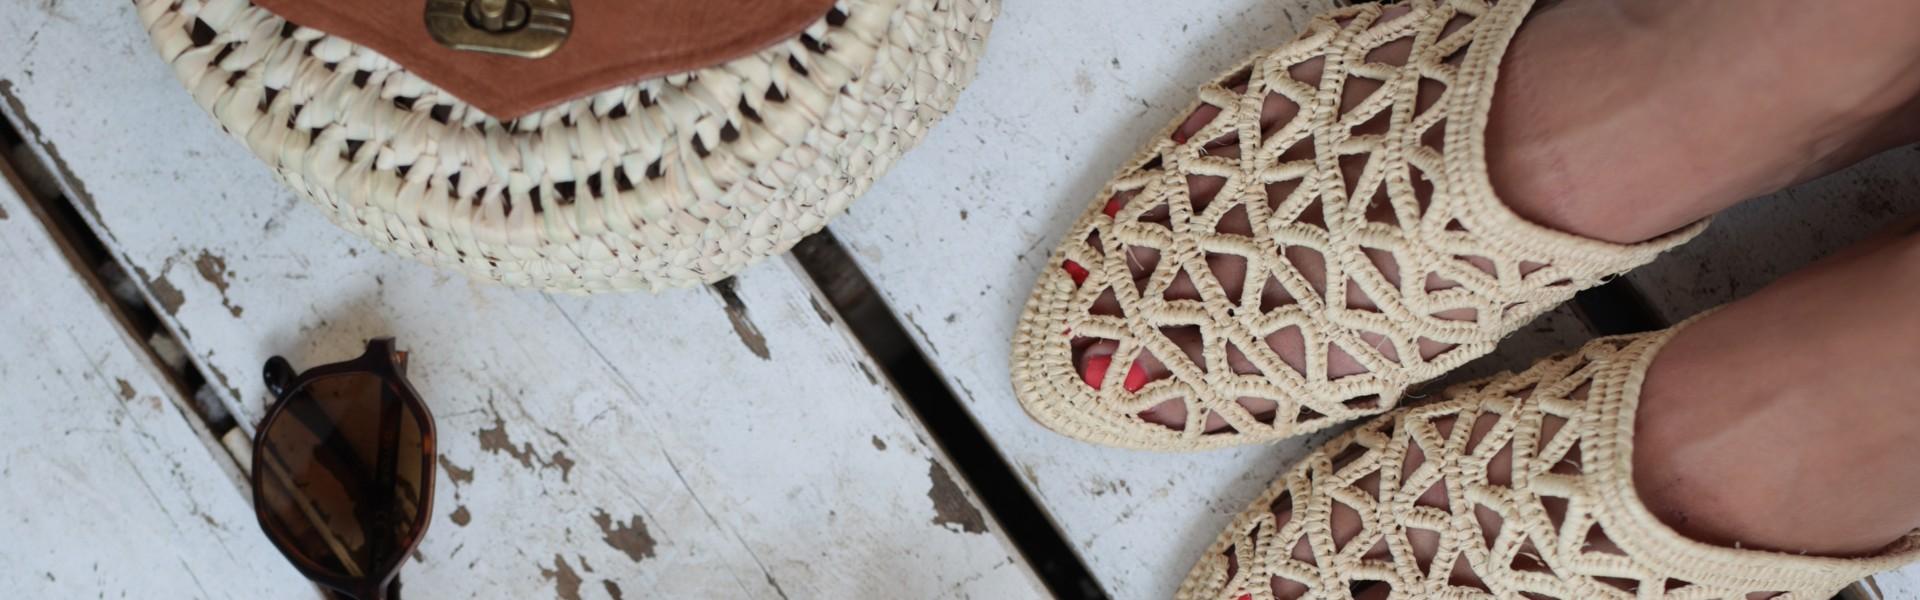 אופנה - פנטזיה מרוקאית